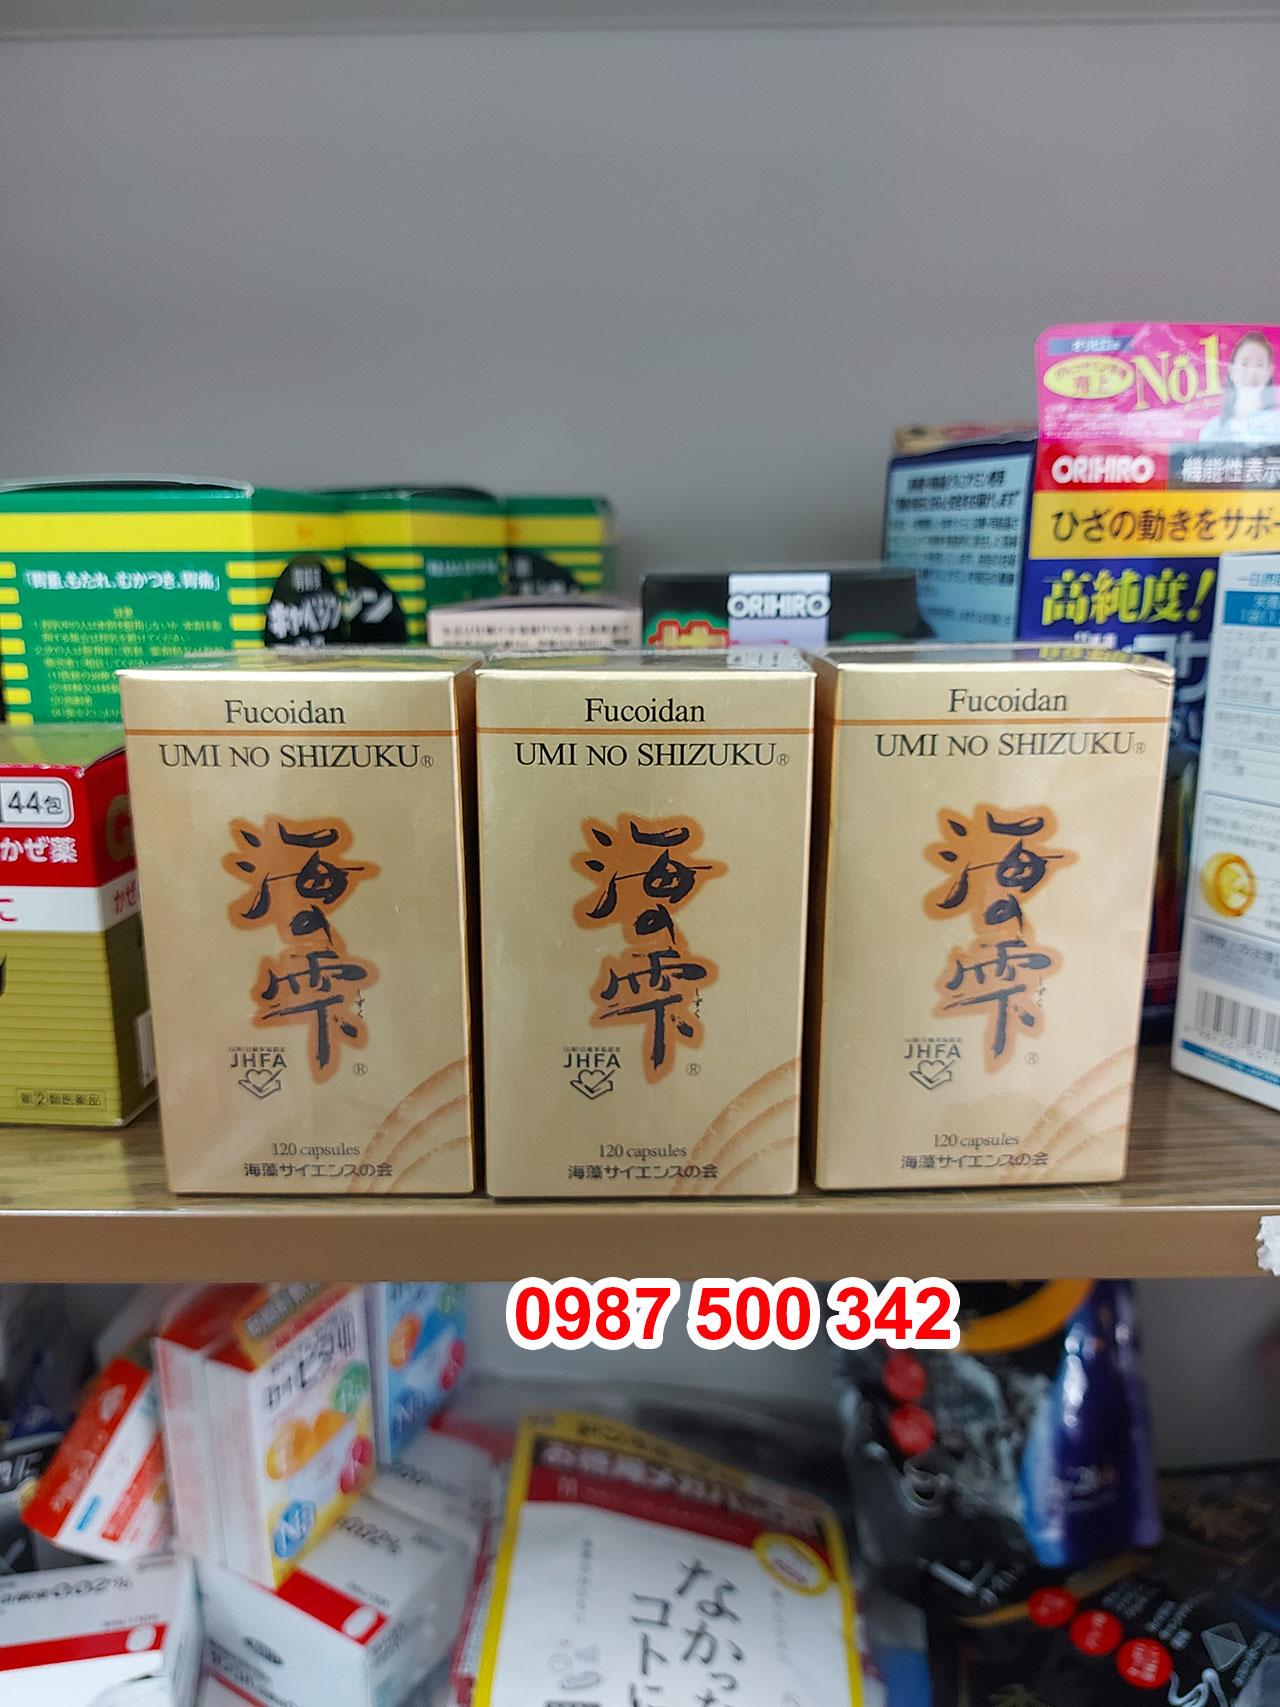 Hình ảnh sản phẩm Fucoidan vàng Umi No Shizuku 120 viên nội địa Nhật Bản